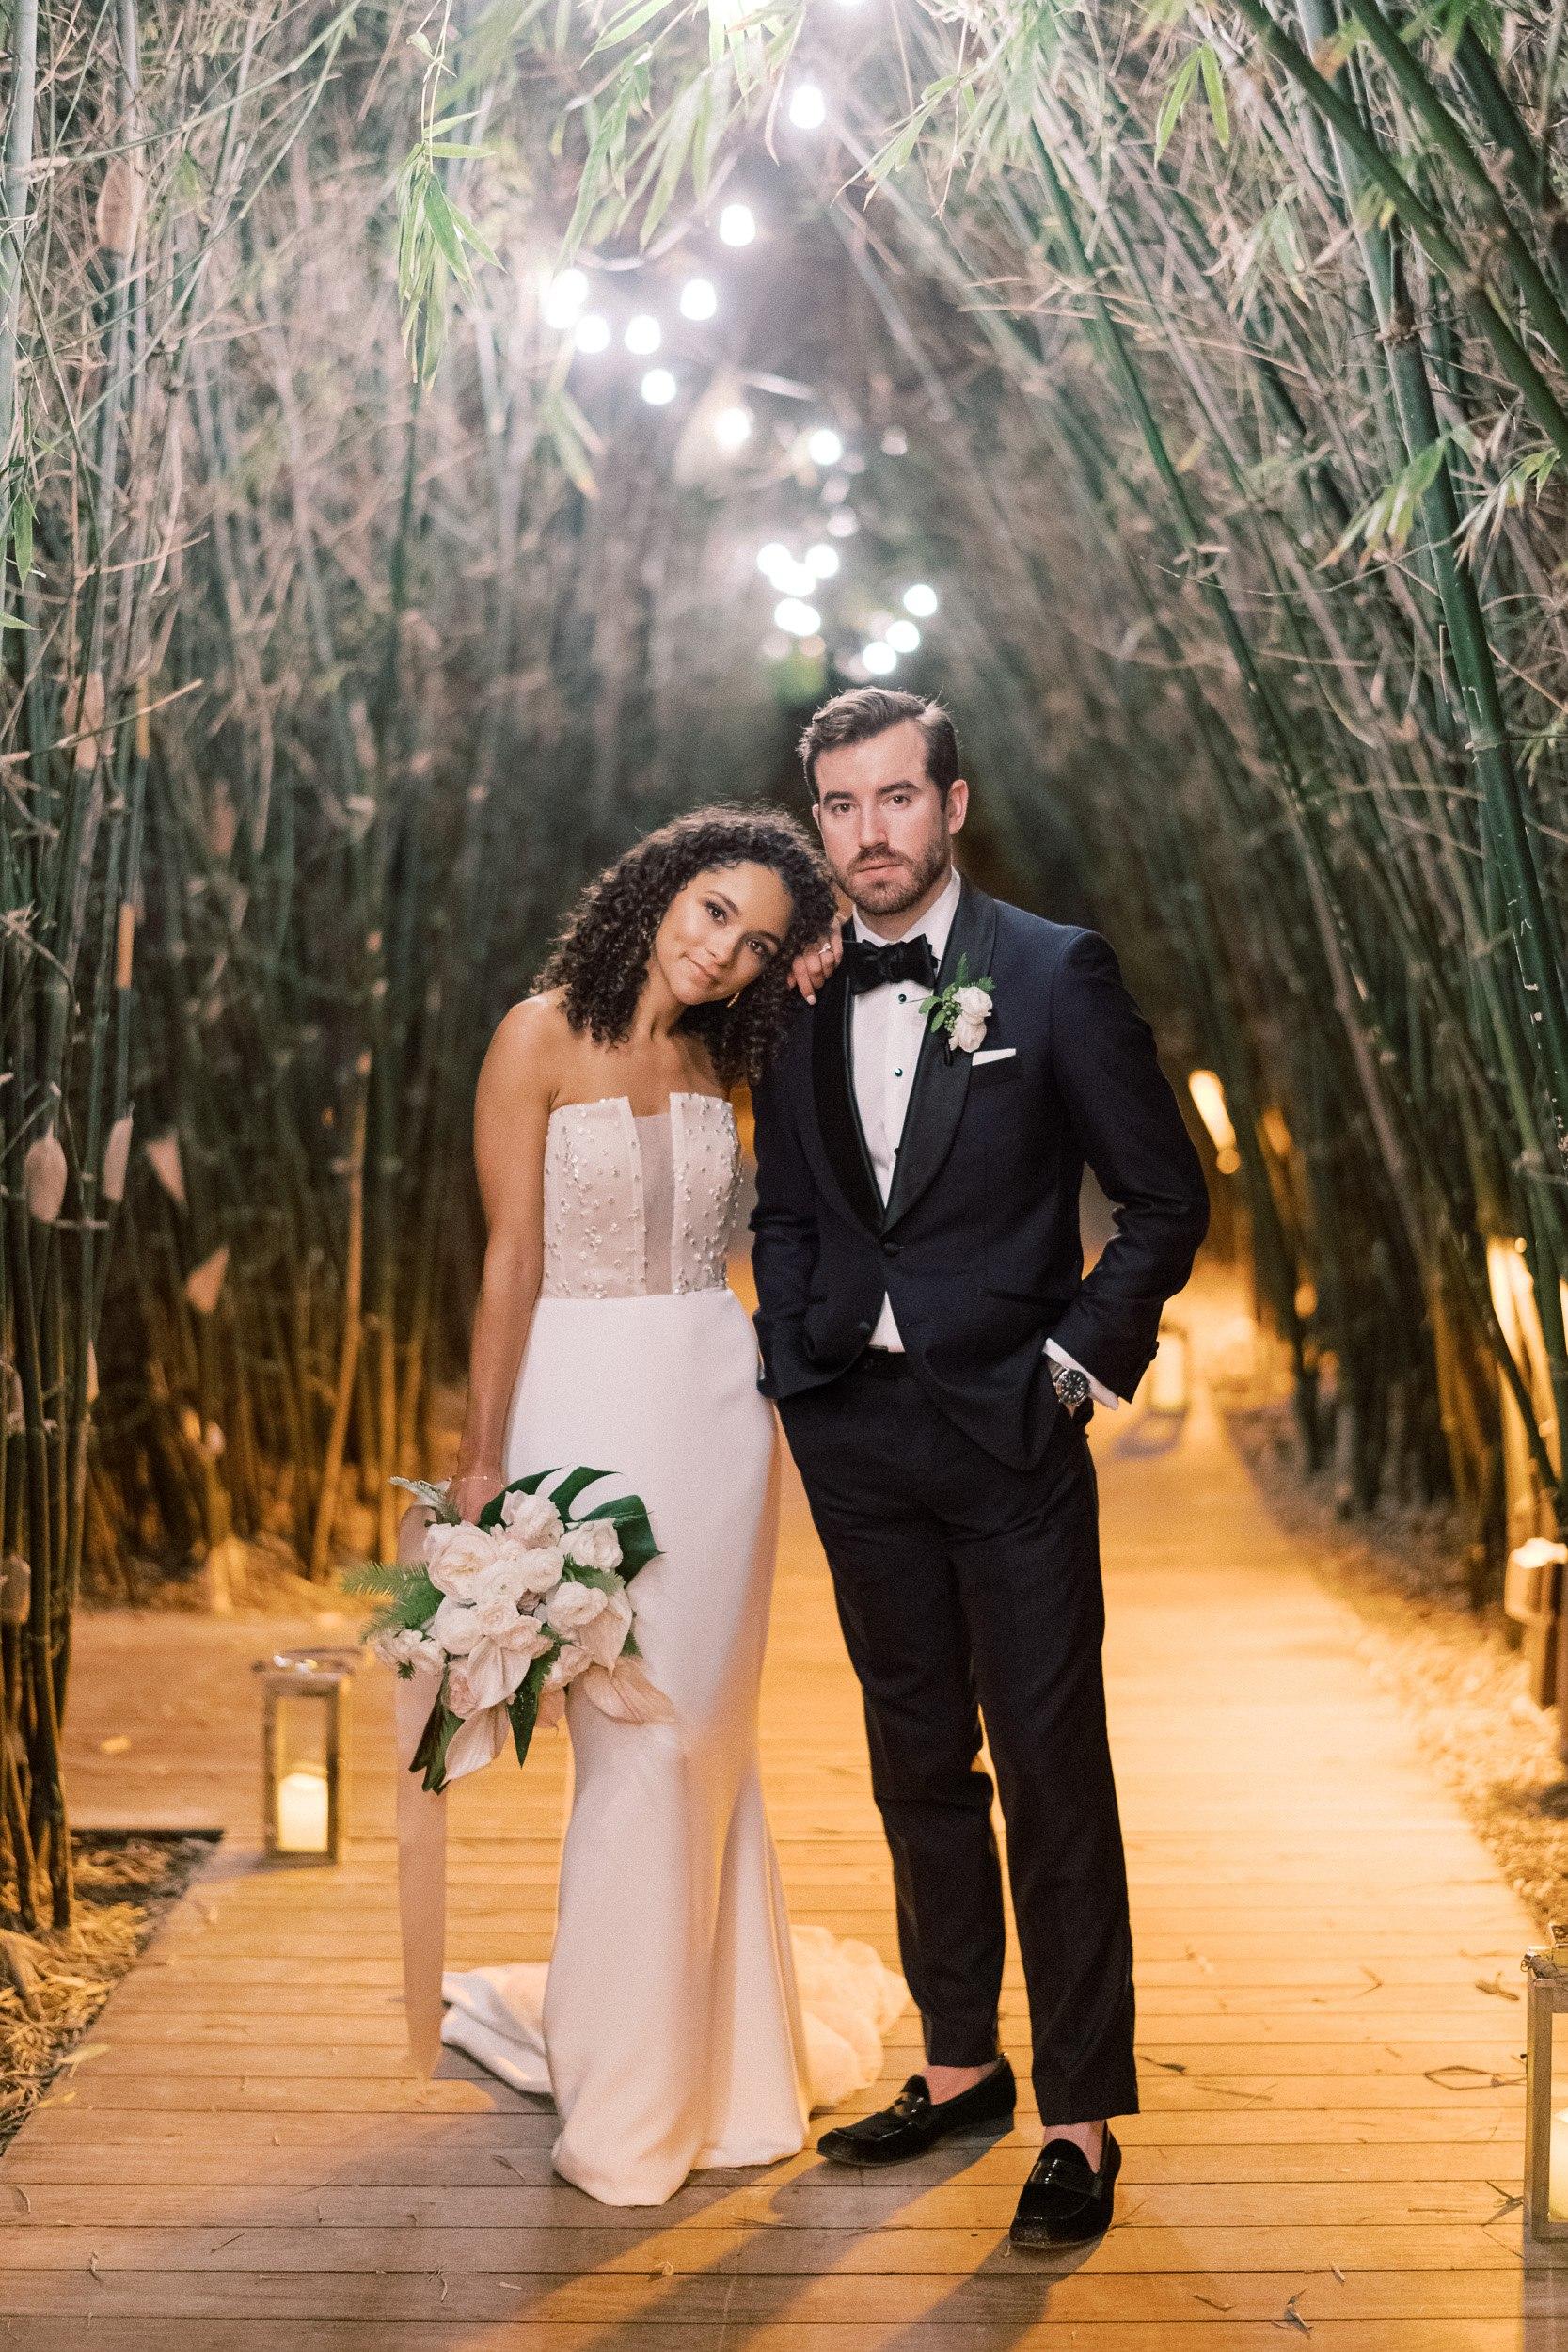 Tropical Destination Wedding at The Nautilus Miami Beach, FL